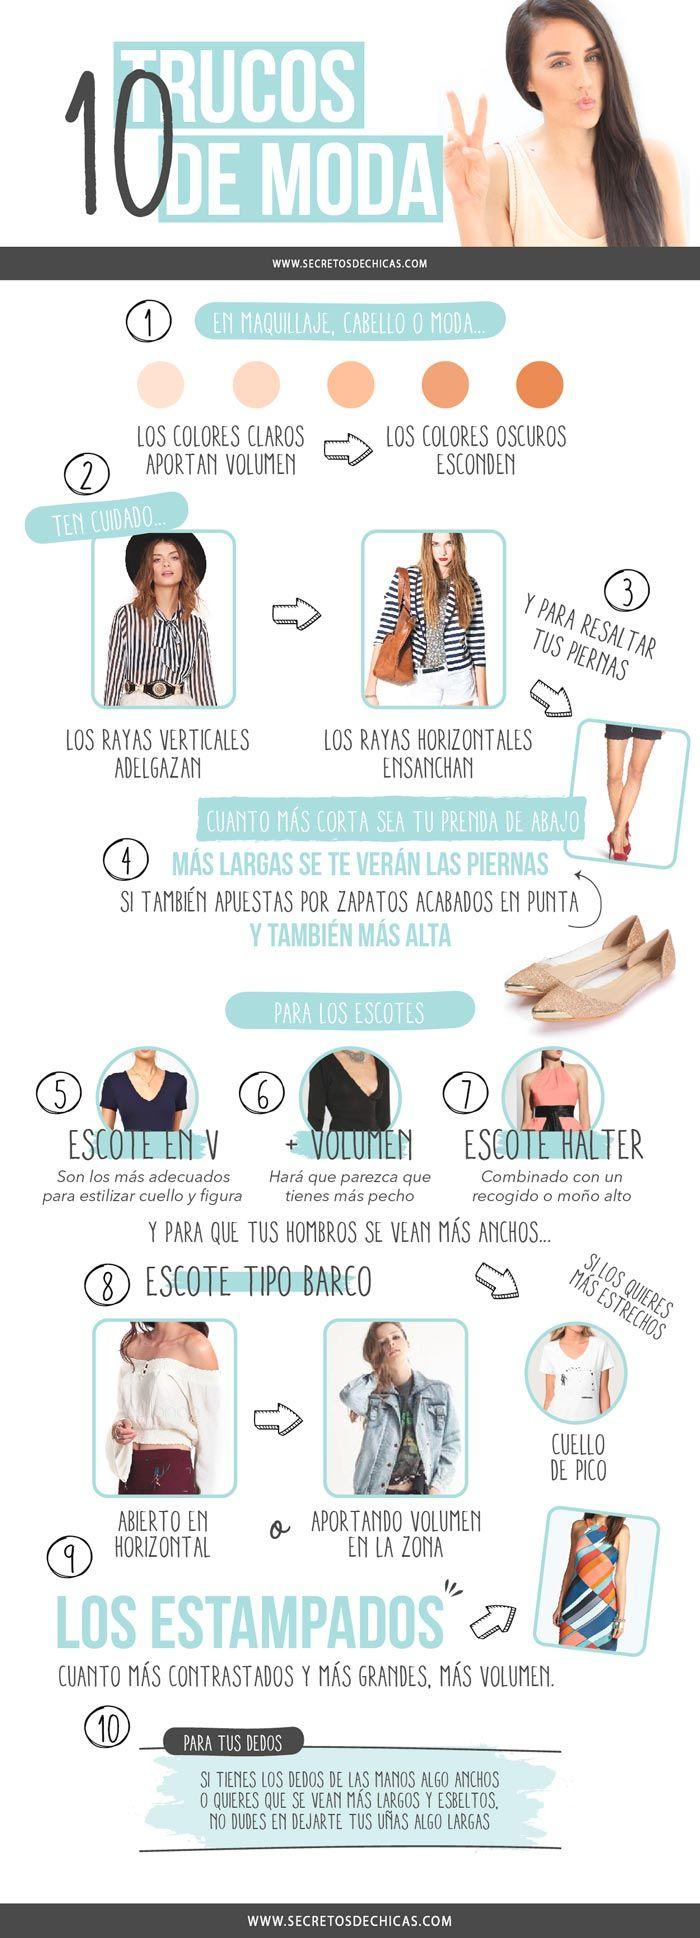 10 trucos de moda